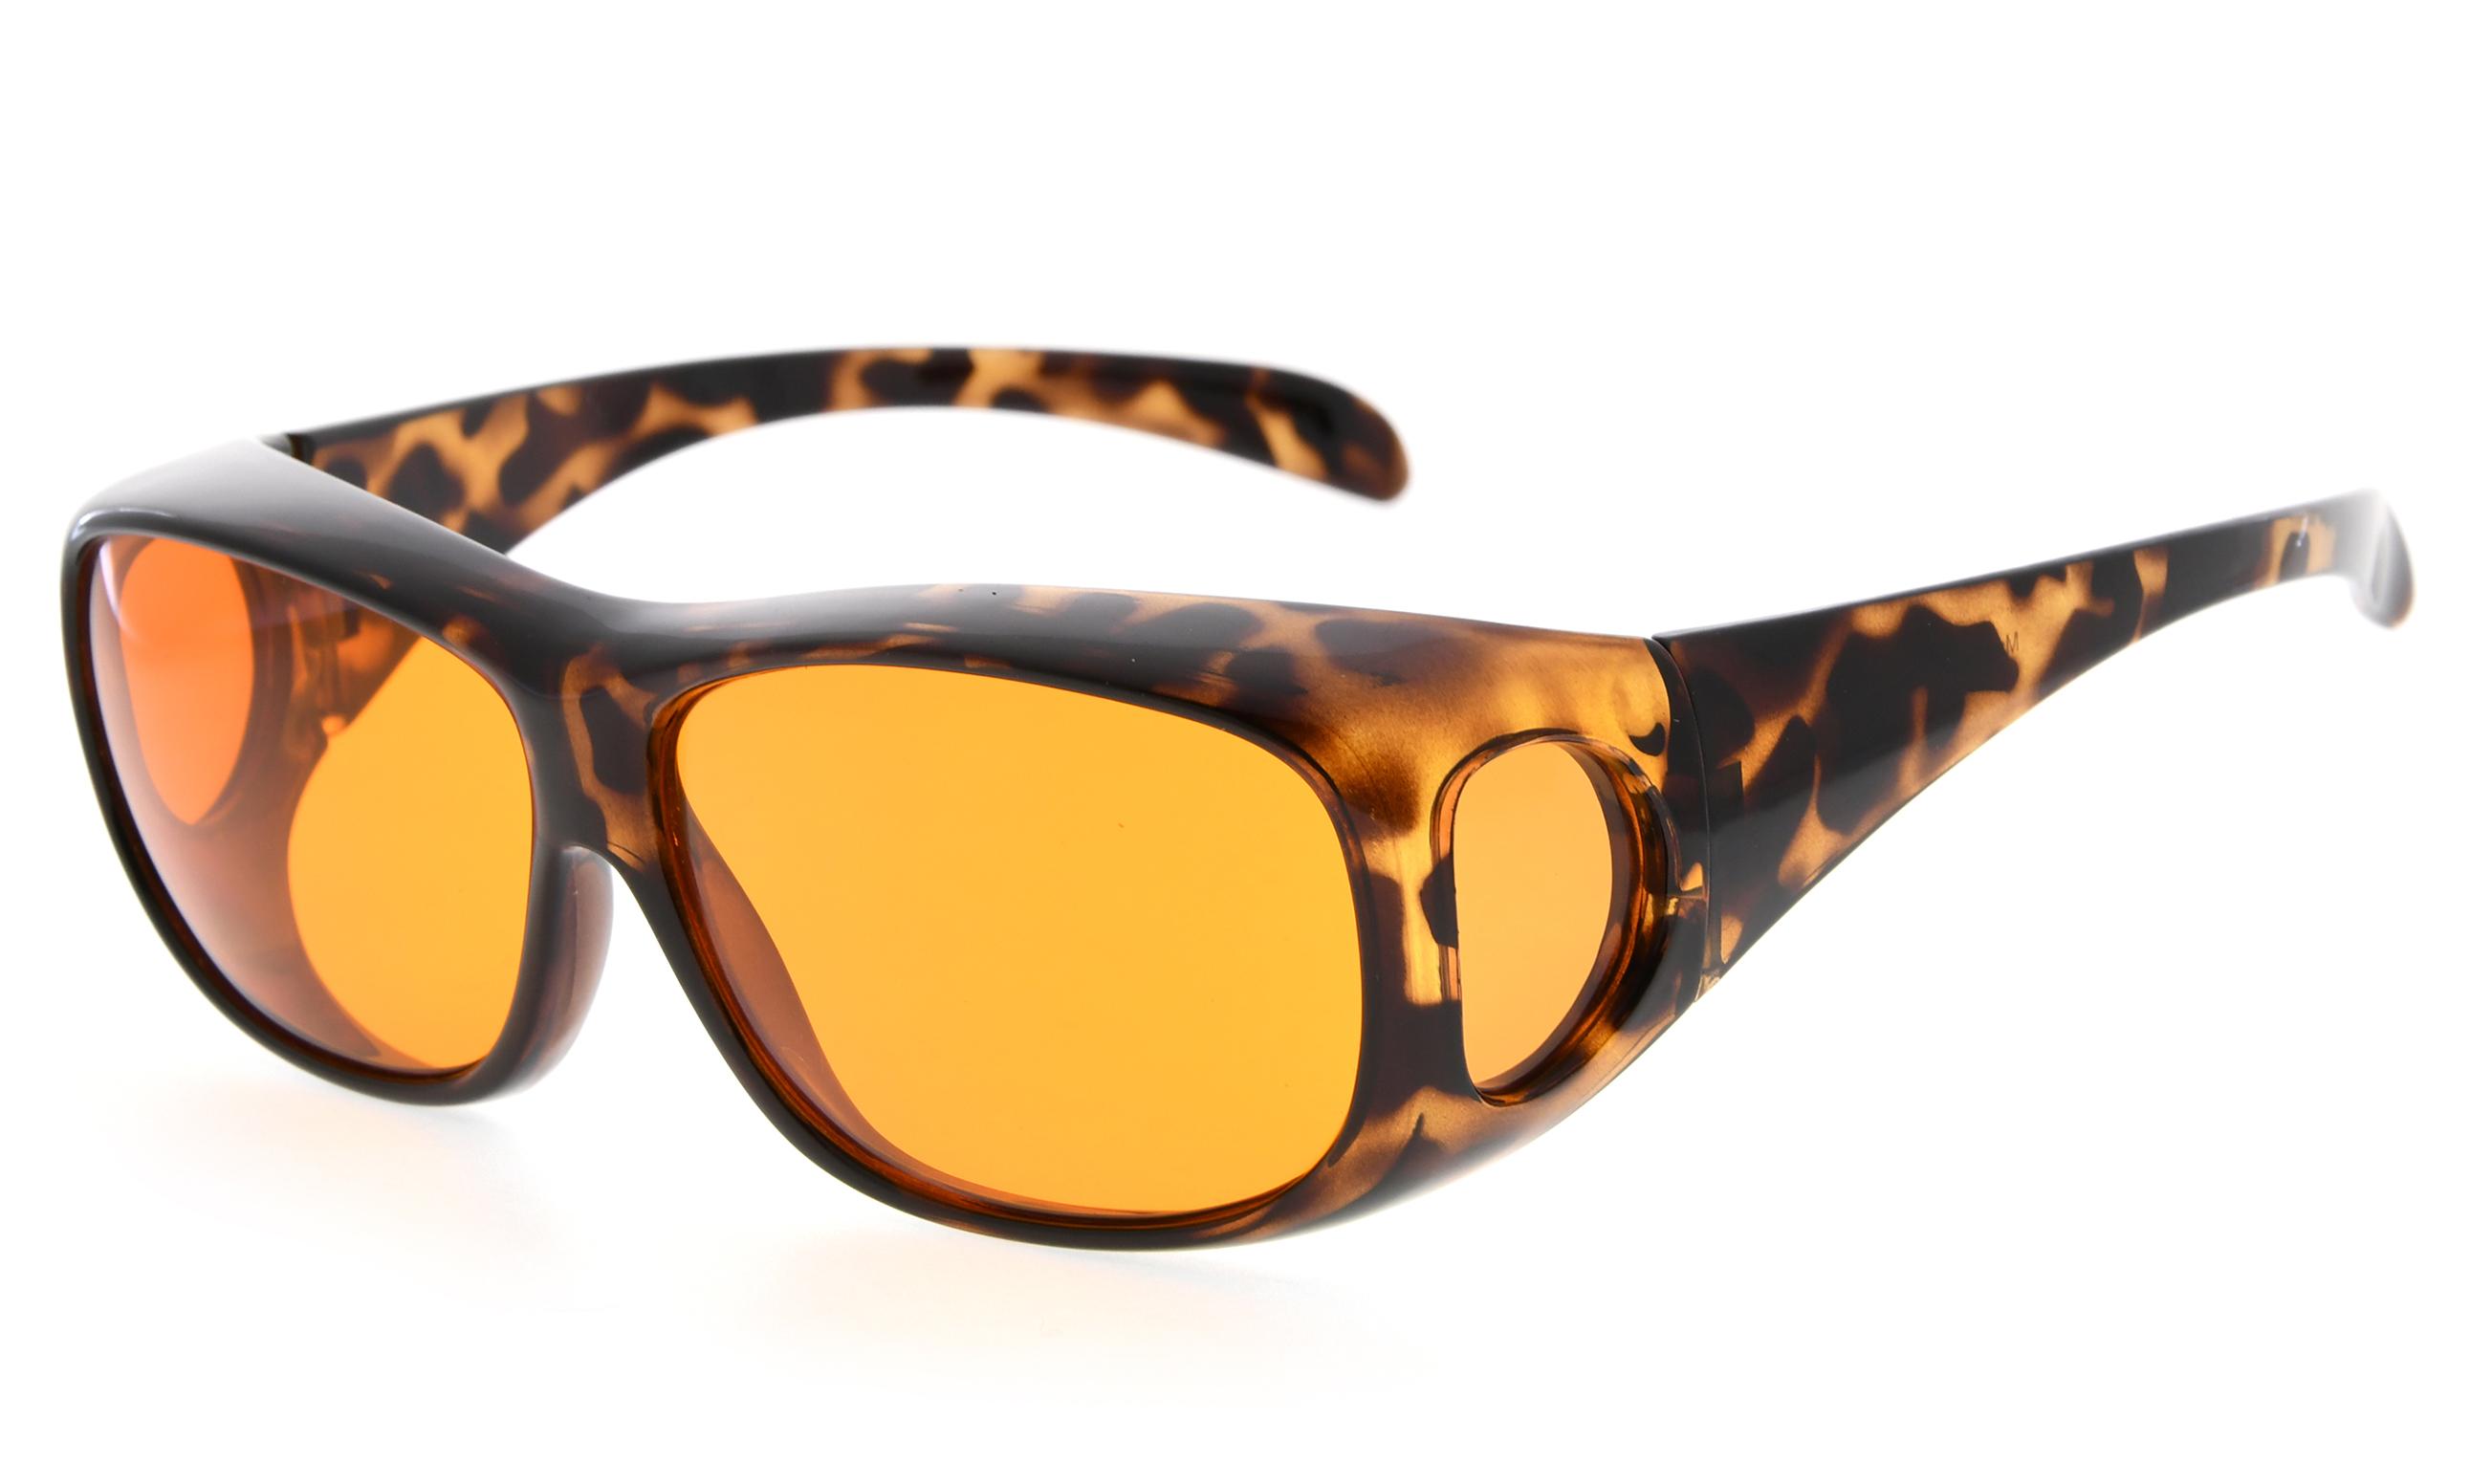 e44d49691eb2 Eyekepper Fit over Computer Glasses Block 100% Blue Light and Anti-UV for Sunshine  Readers Tortoise DSXM1806